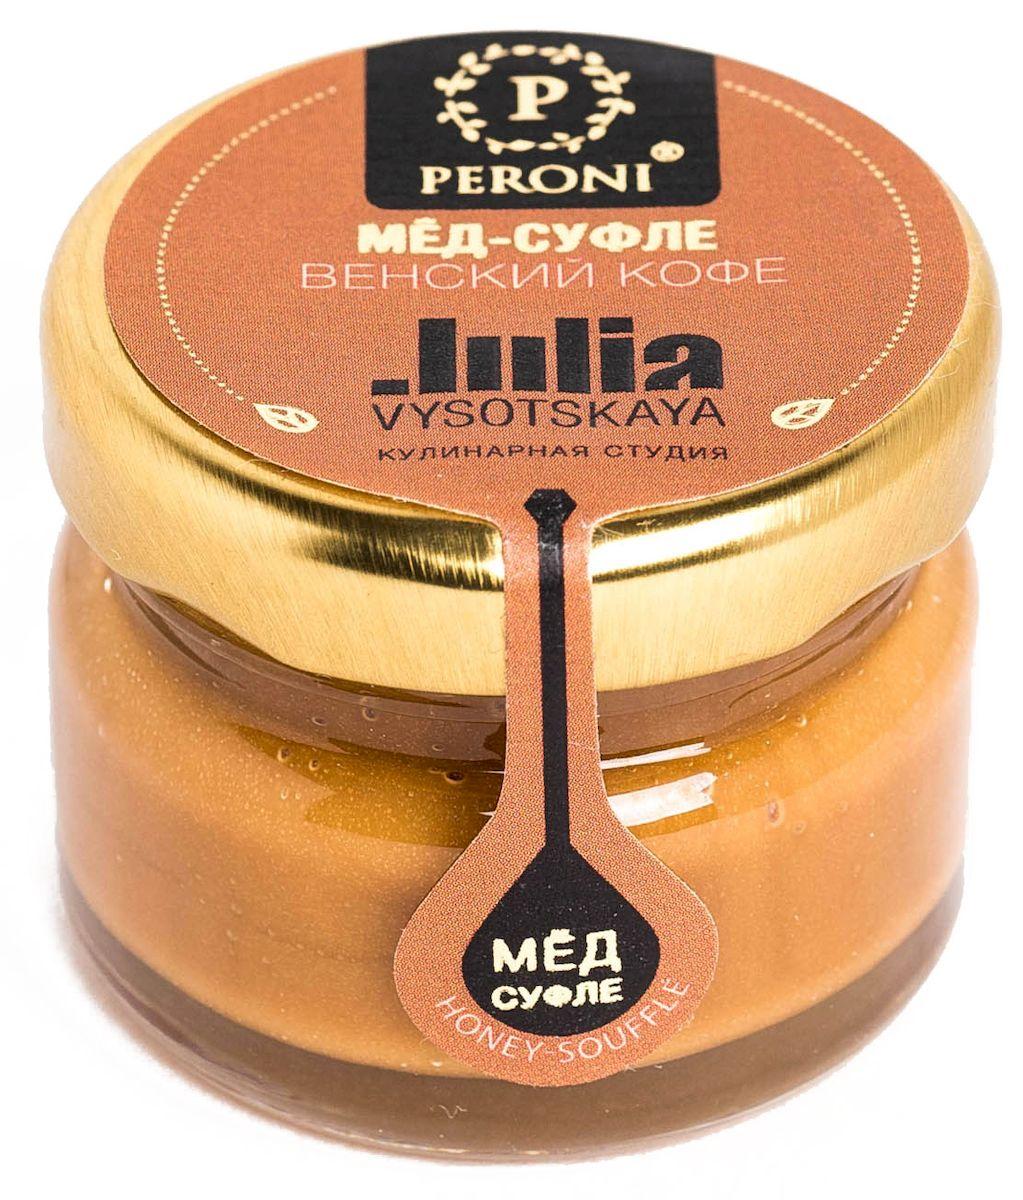 Peroni Венский кофе мёд-суфле, 30 г0120710Здесь соединилась терпкость свежеобжаренных зерен эспрессо и медовая нежность, как и в известном на весь мир Венском кофе с нежной пенкой. Его можно использовать как топинг в десертах или как самостоятельное лакомство. Для получения меда-суфле используются специальные технологии. Мёд долго вымешивается при определенной скорости, после чего его выдерживают при температуре 12-14 градусов по Цельсию, тем самым закрепляя его нужную консистенцию. Все полезные свойства меда при этом сохраняются.